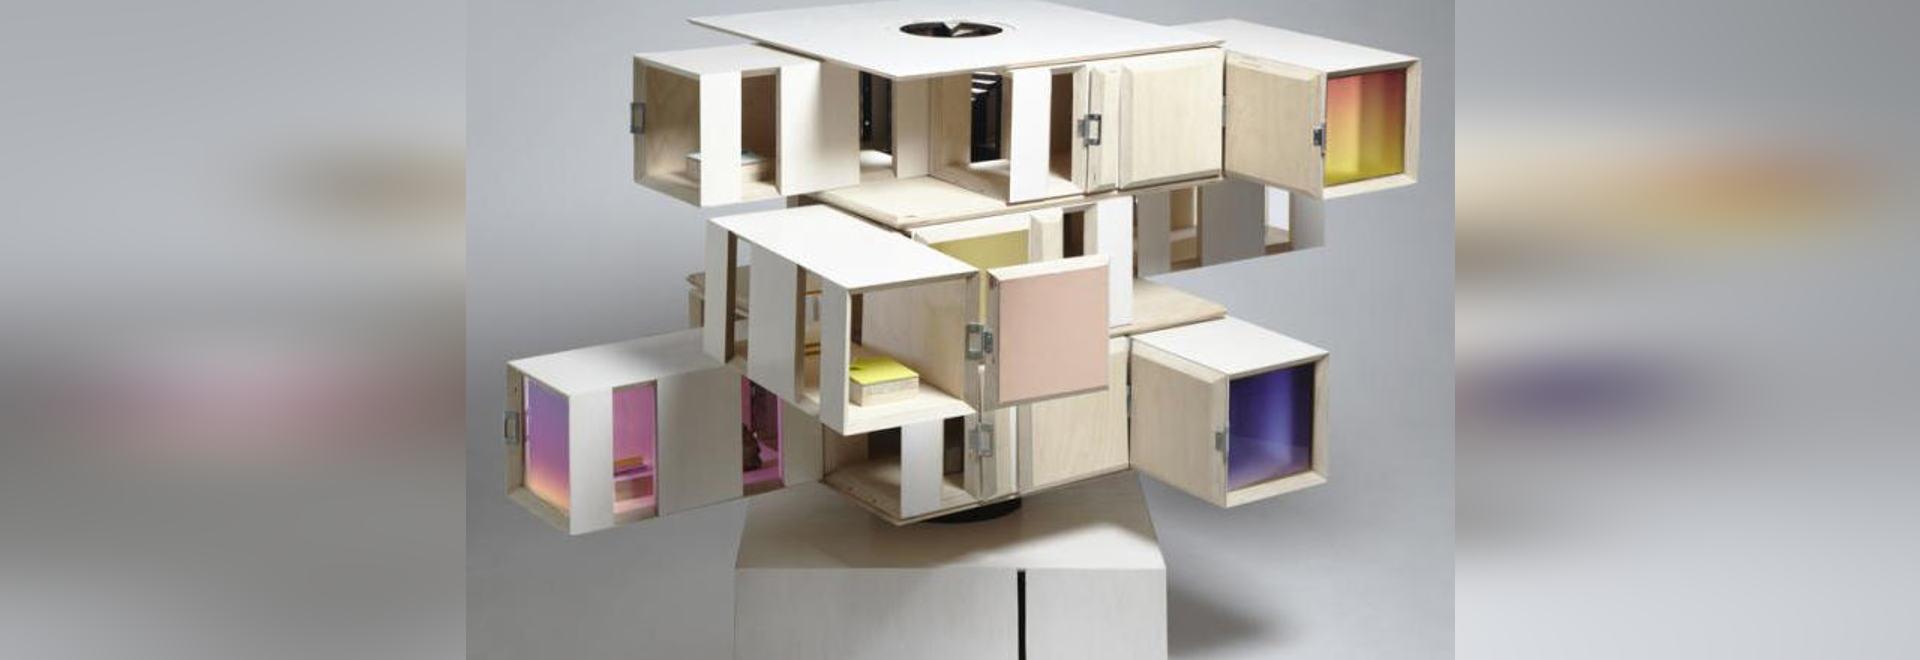 Dollhouse by shedkm